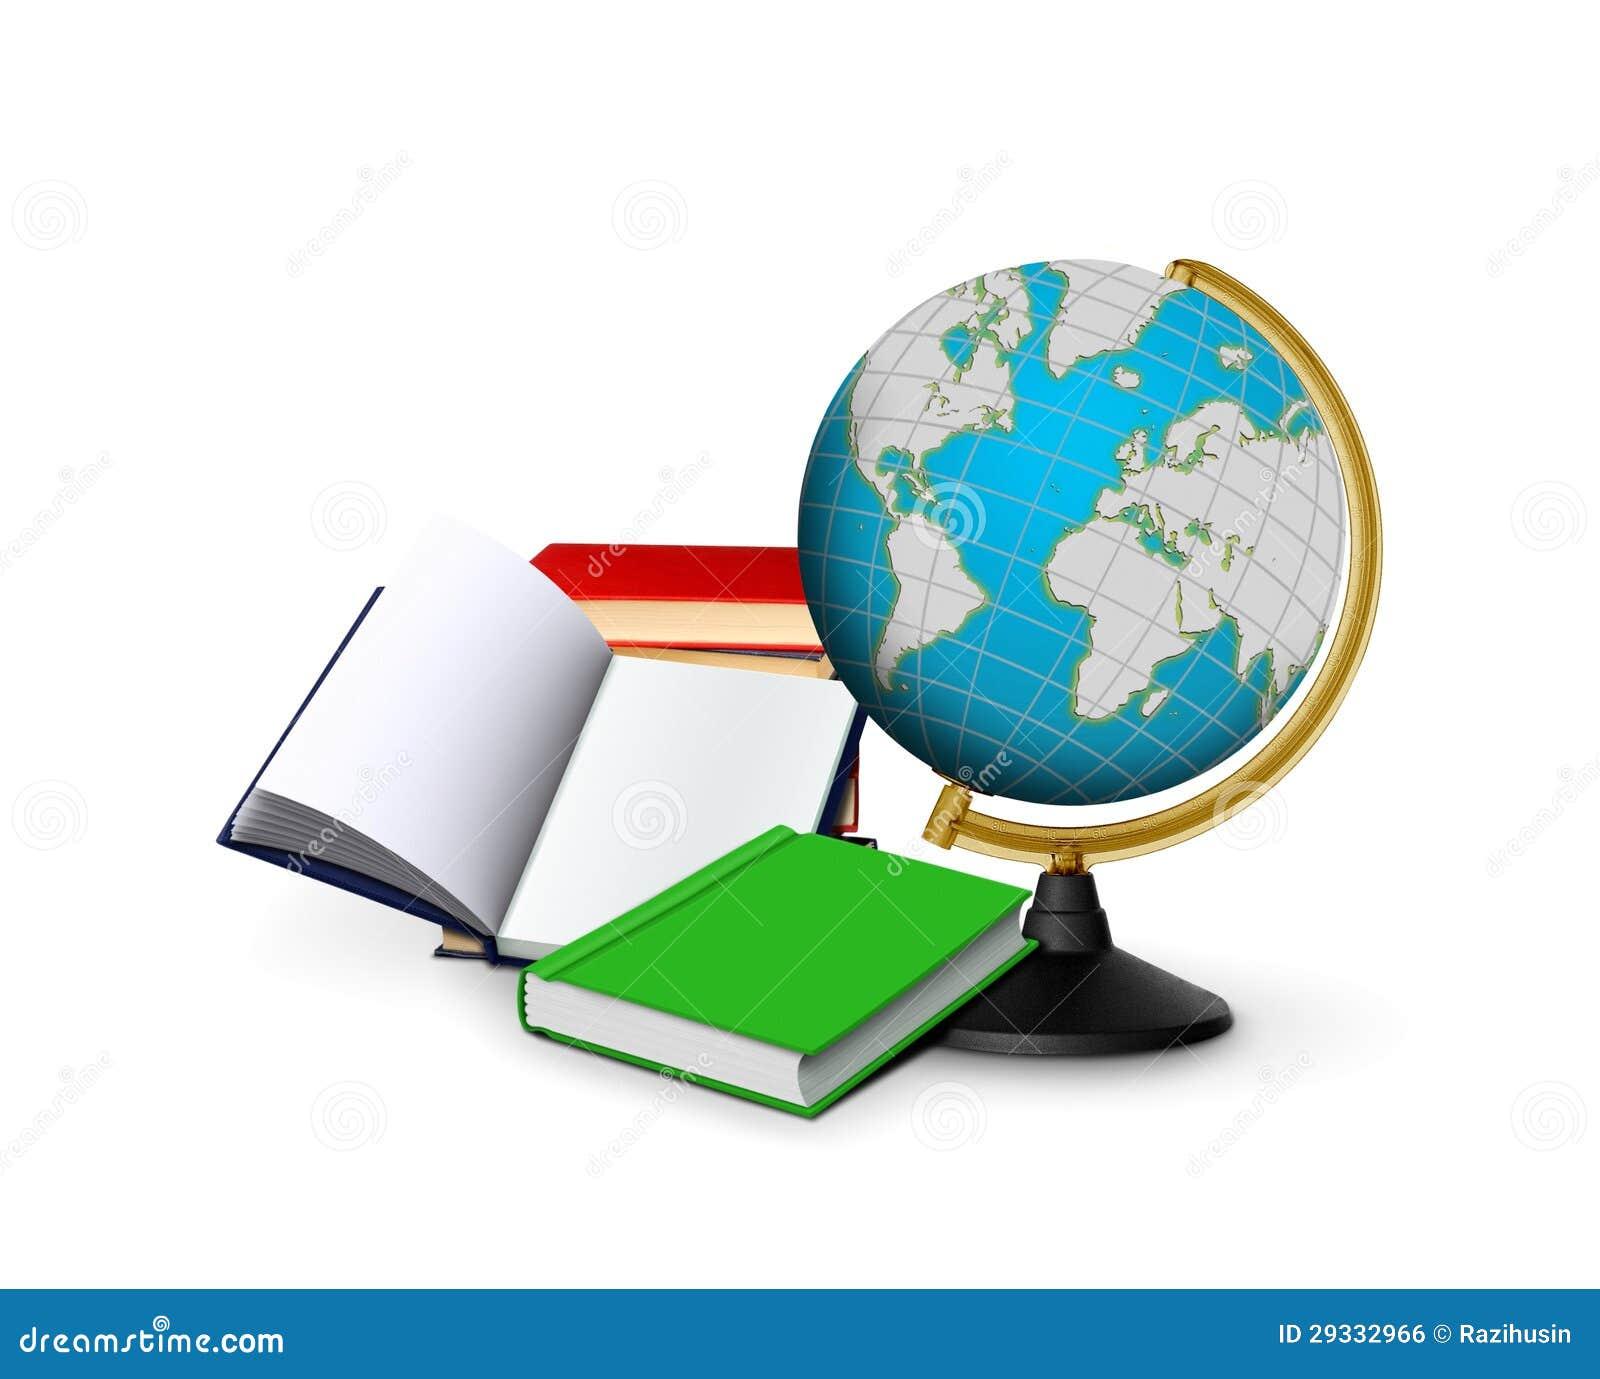 картинки книги и глобус